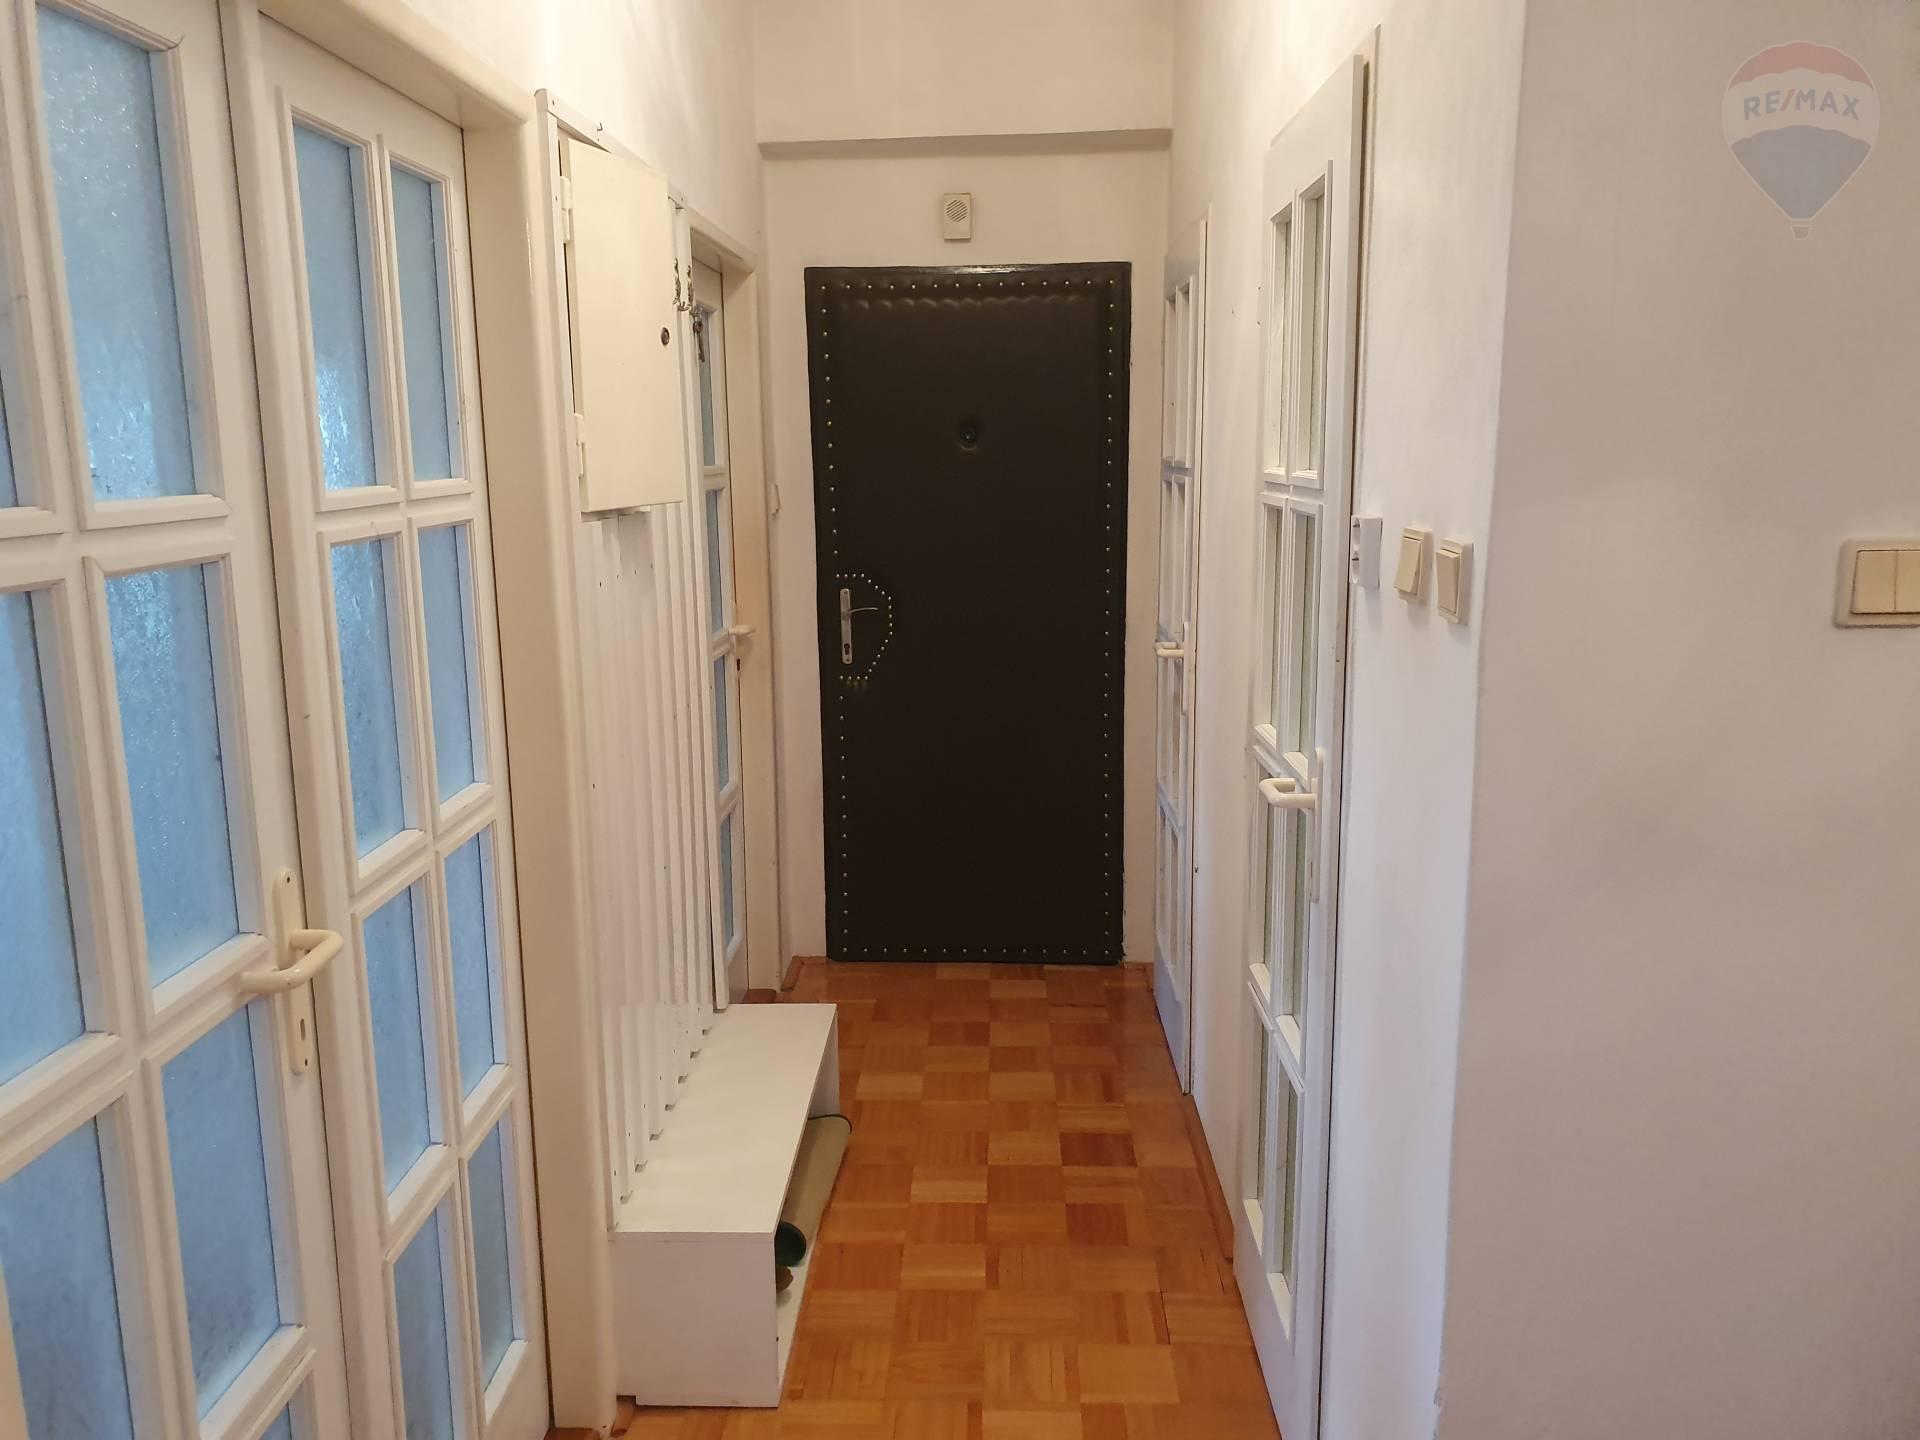 Predaj bytu (3 izbový) 54 m2, Klátova Nová Ves - predaj 3-izbový byt Klátova Nová Ves, okr. Partizánske